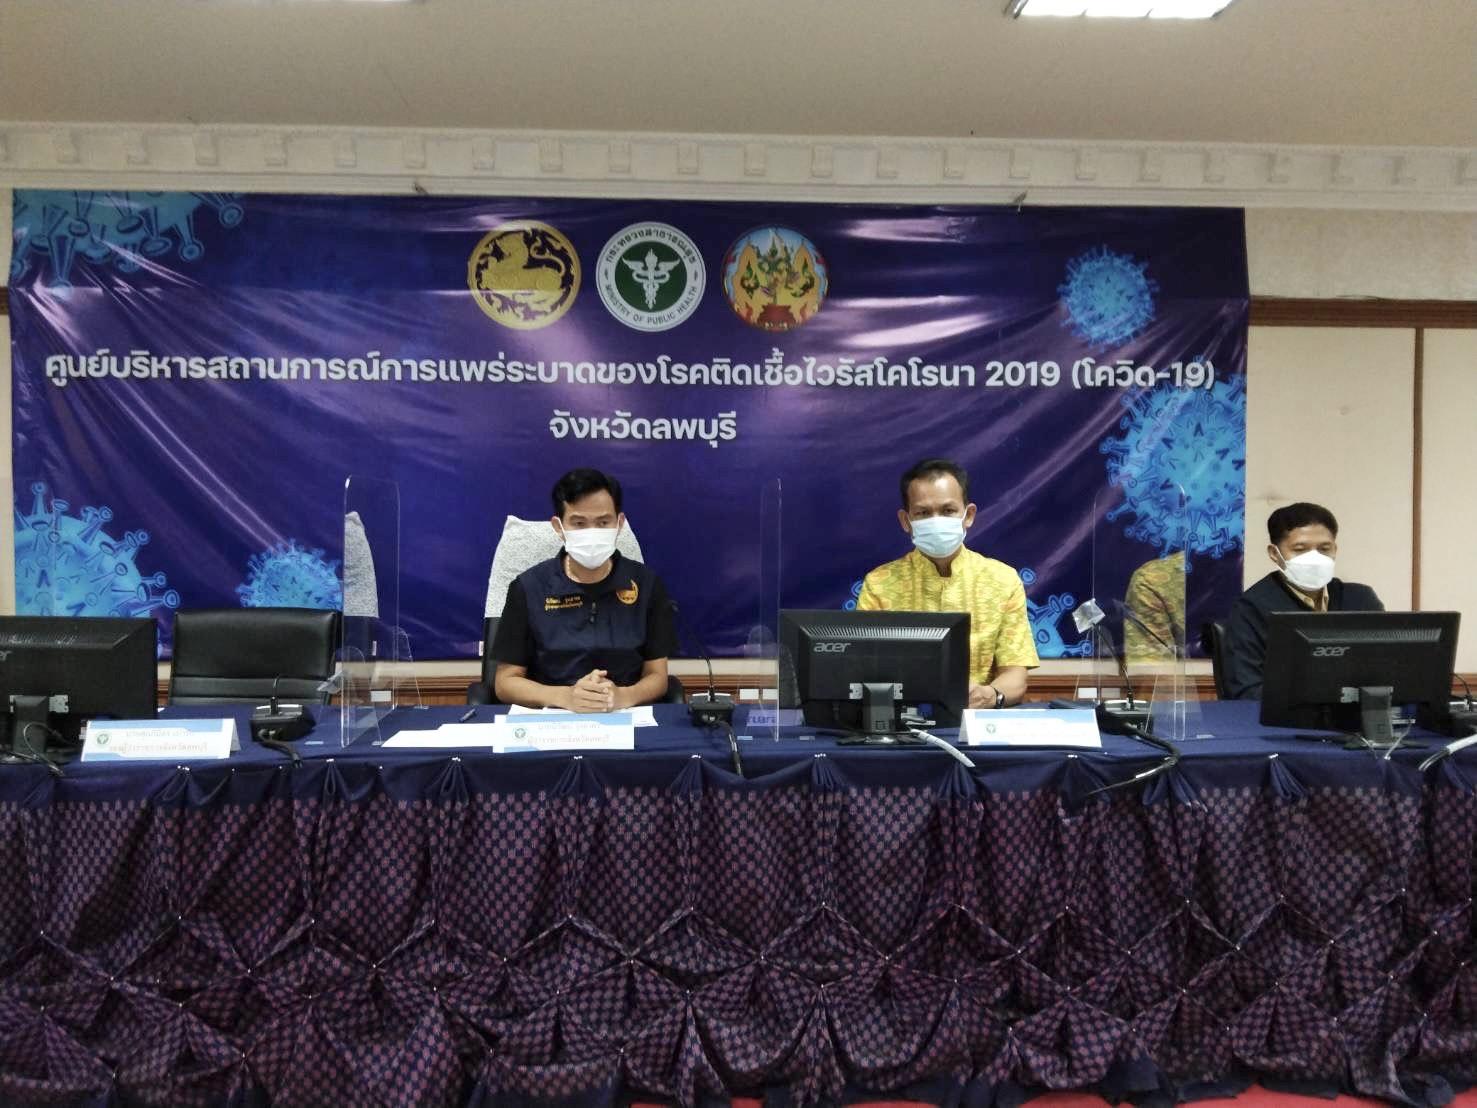 จังหวัดลพบุรี จัดประชุมคณะกรรมการโรคติดต่อจังหวัดลพบุรี ครั้งที่ 35/2564